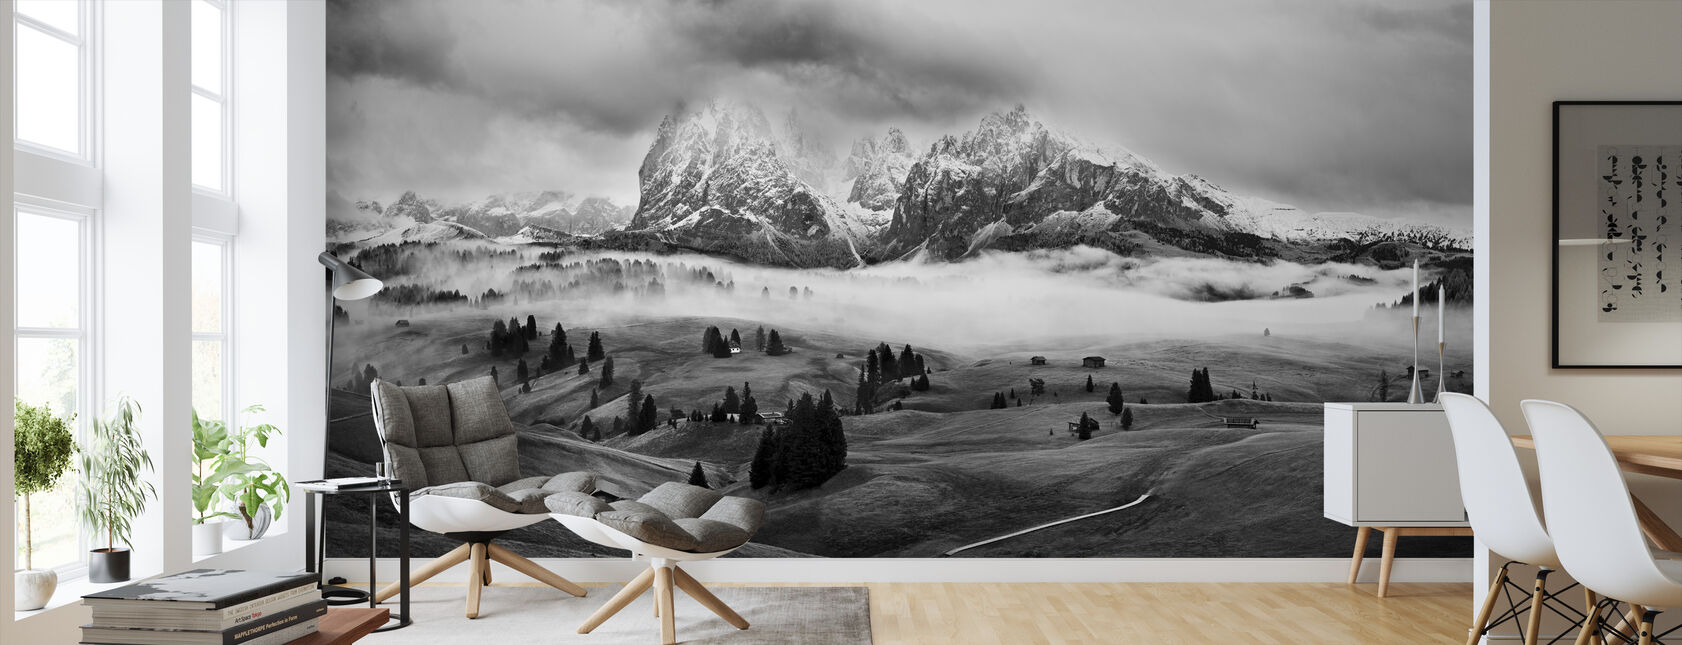 Mgliste Dolomity - Tapeta - Pokój dzienny